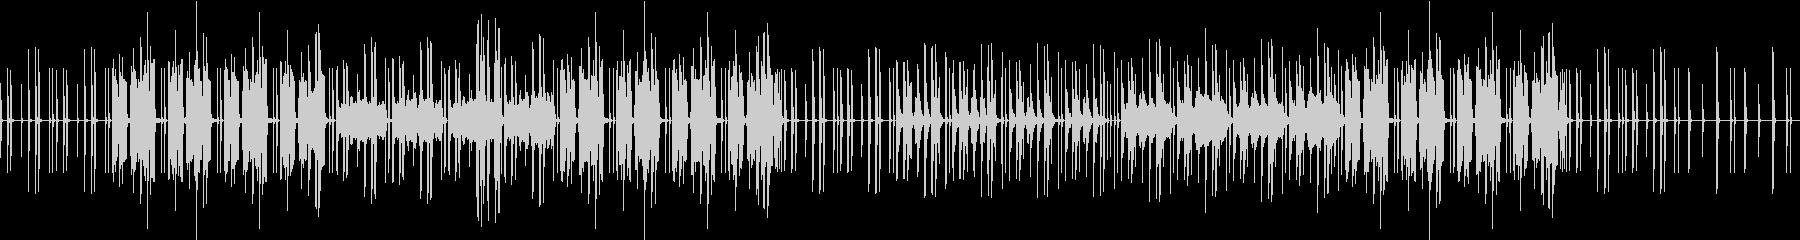 ふわっと明るい親近感のわく音楽の未再生の波形